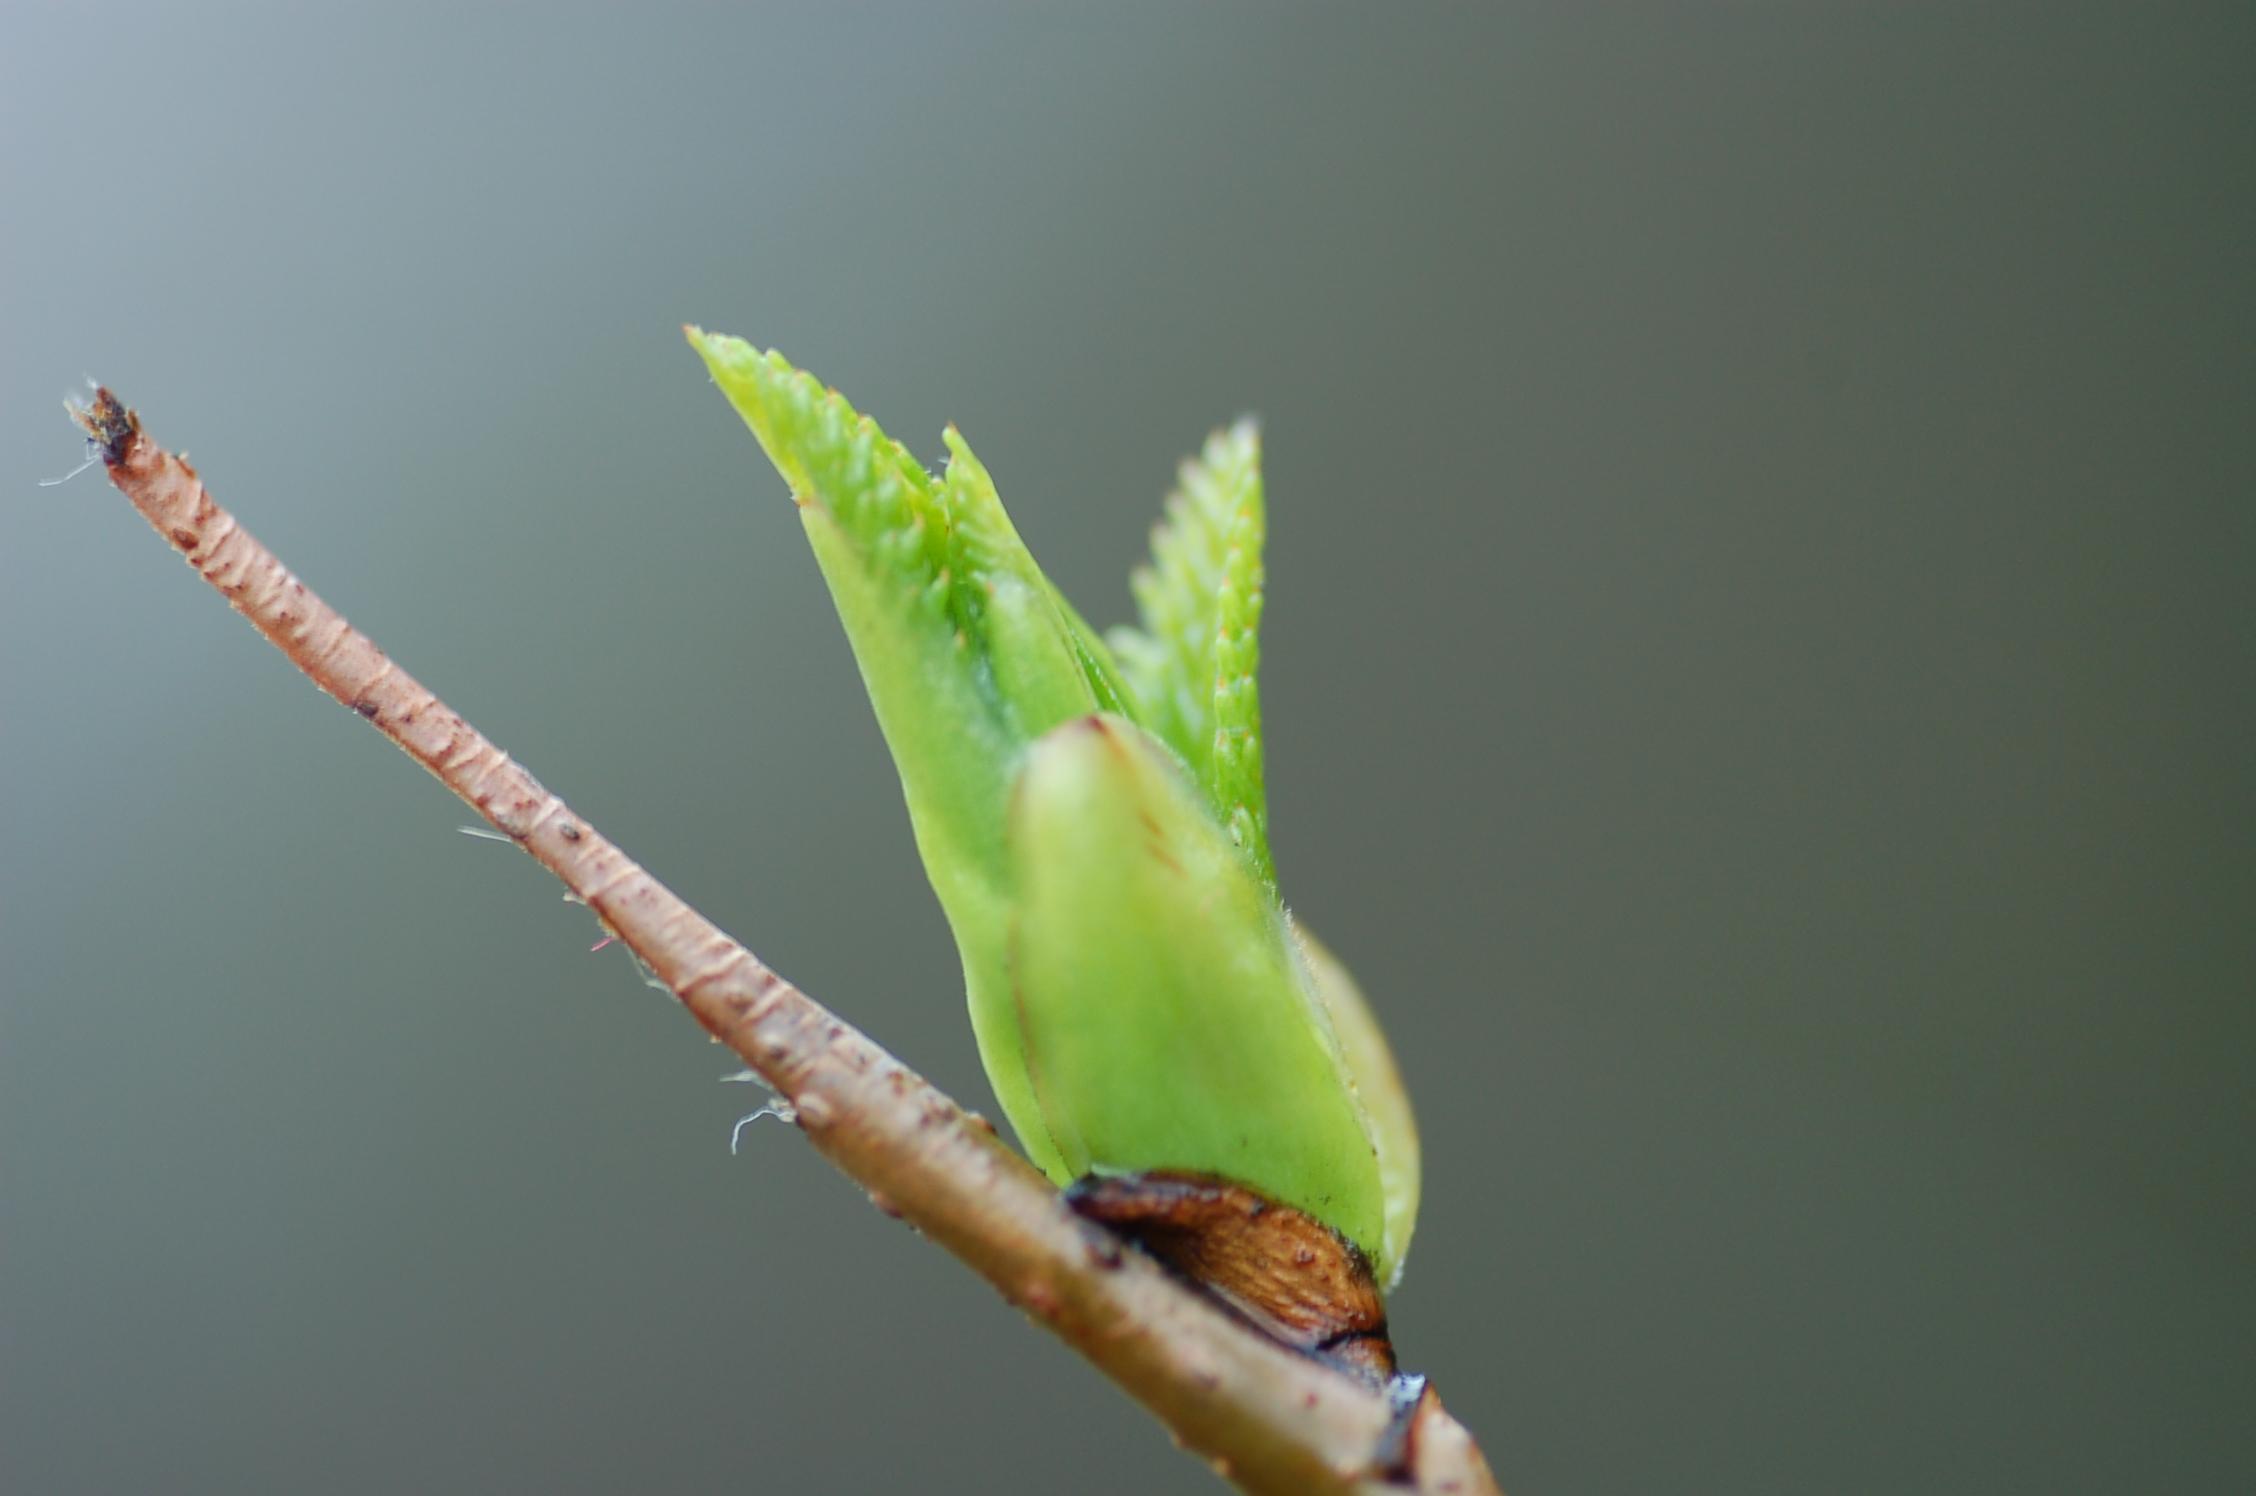 オオバヤシャブシの葉